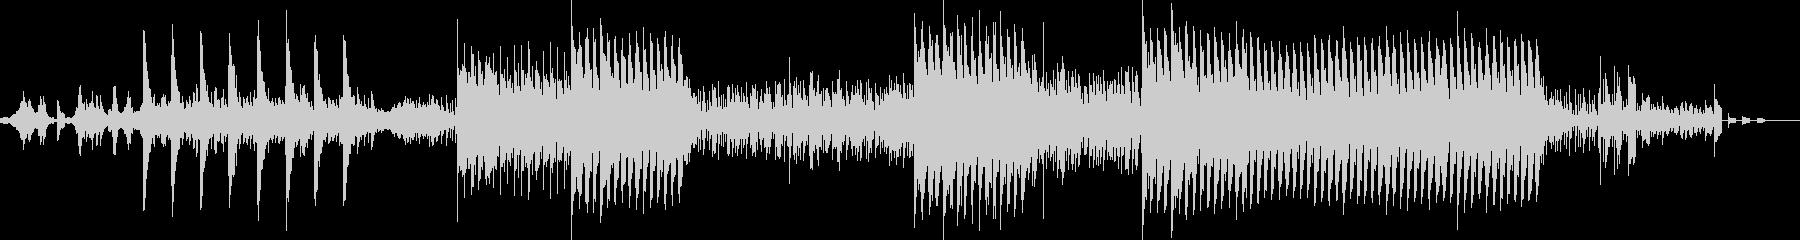 和の音で不思議な感じのBGMの未再生の波形